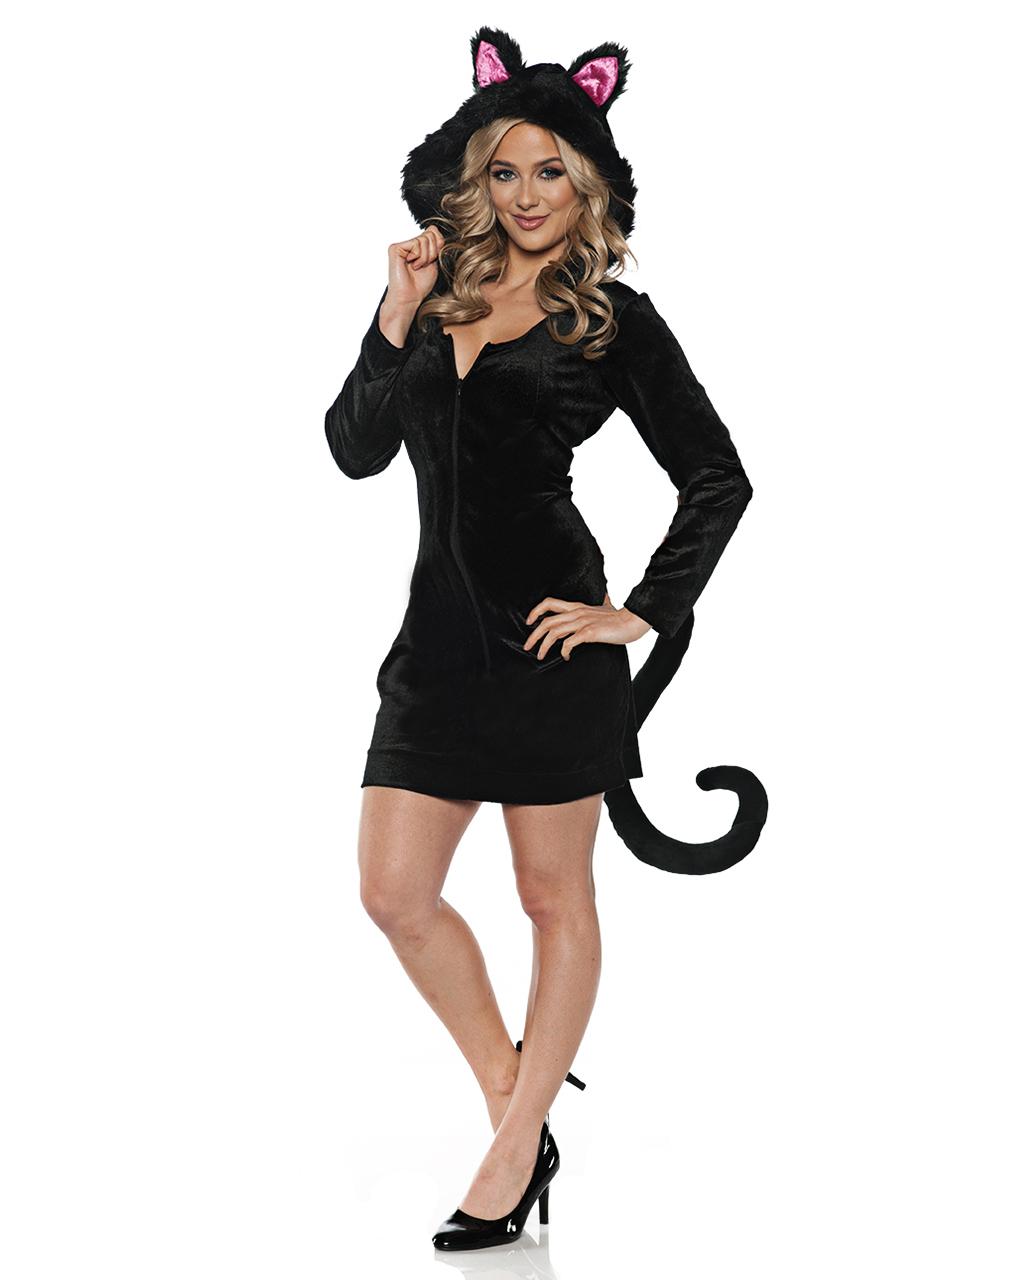 Schwarze Katze Für Kleid Kostüm FaschingHorror rdWBexoEQC